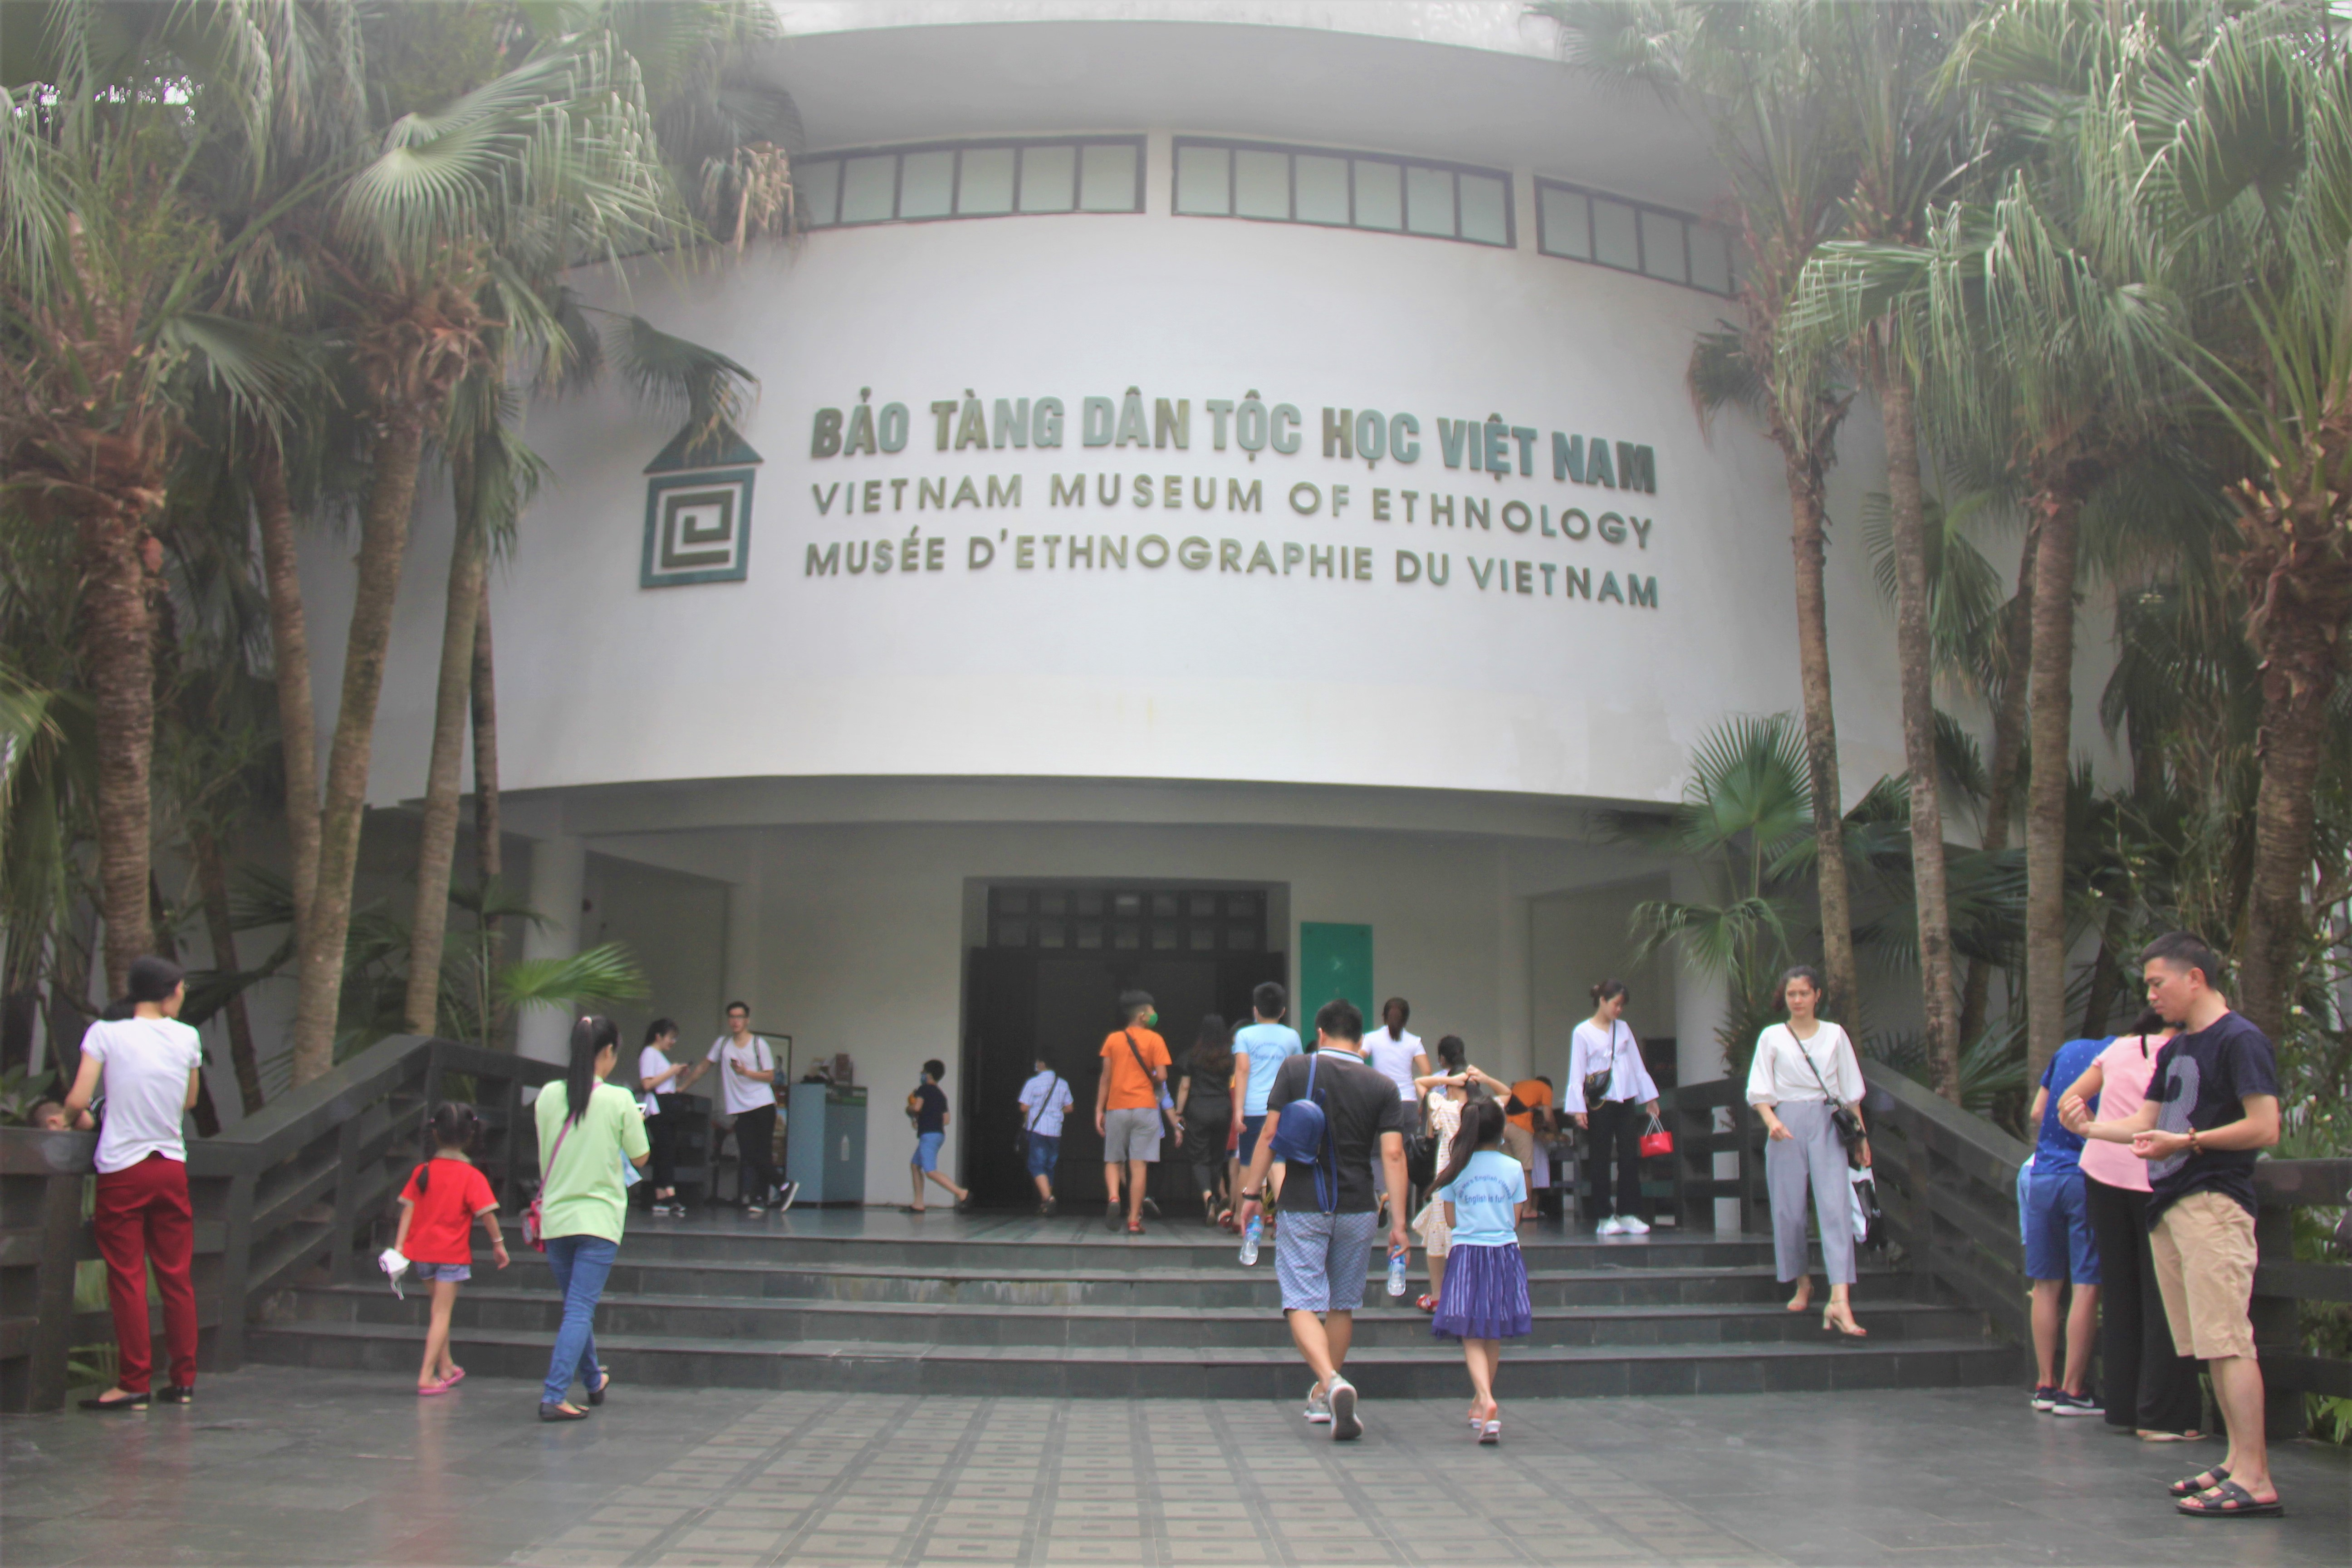 Tổ chức 2 lớp đào tạo chuyên môn về bảo tàng